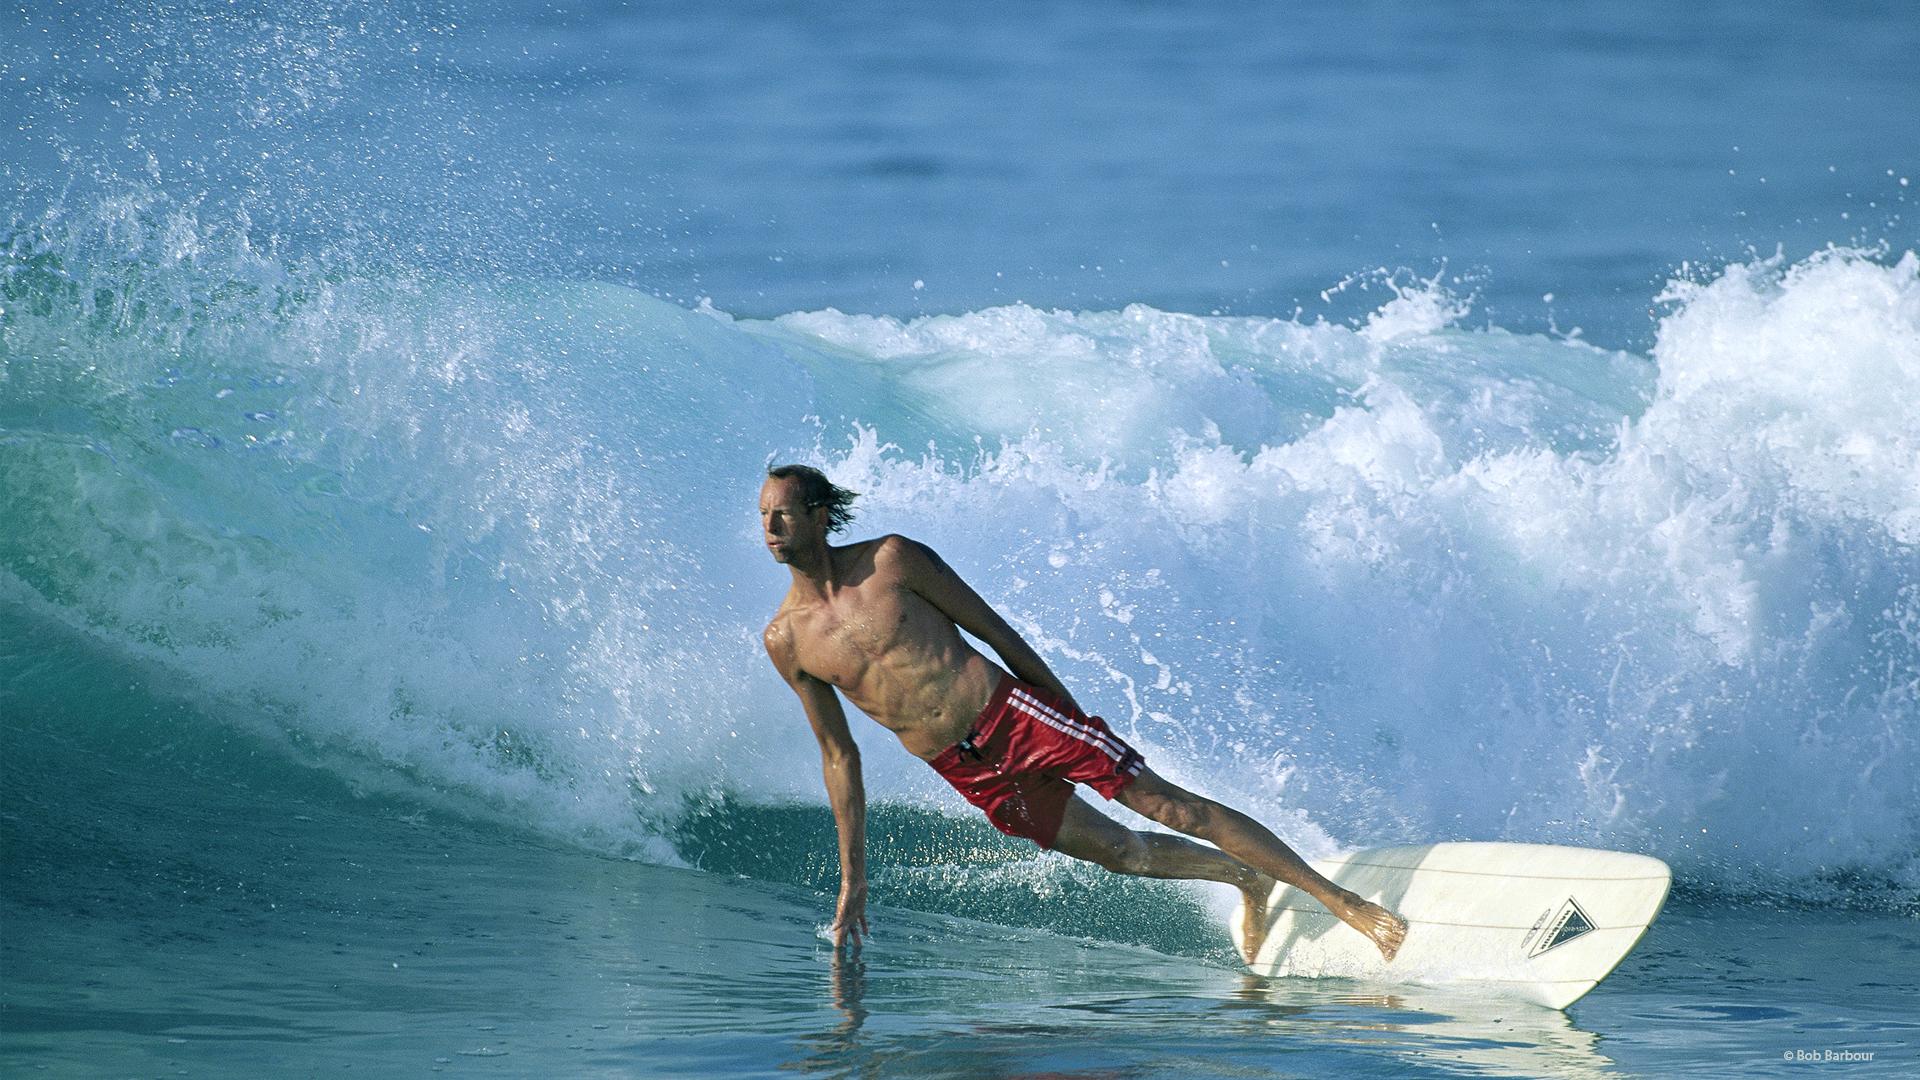 Terry Simms - Legendary Surfer